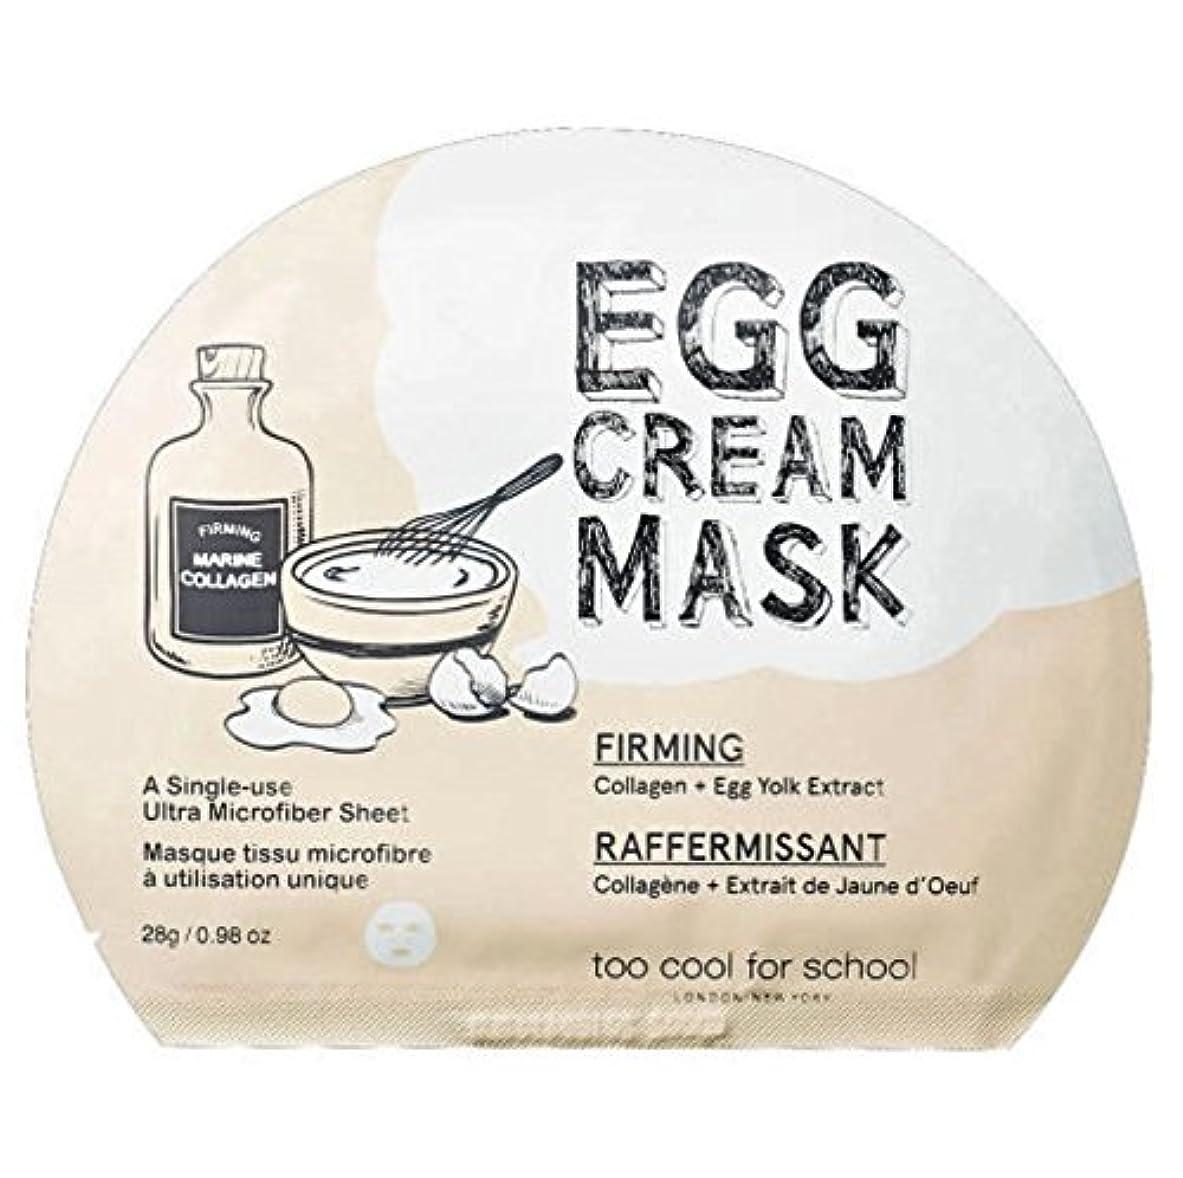 超えて植物学者行商[New] too cool for school Egg Cream Mask (Firming) 28g × 5ea/トゥークール フォースクール エッグ クリーム マスク (ファーミング) 28g × 5枚